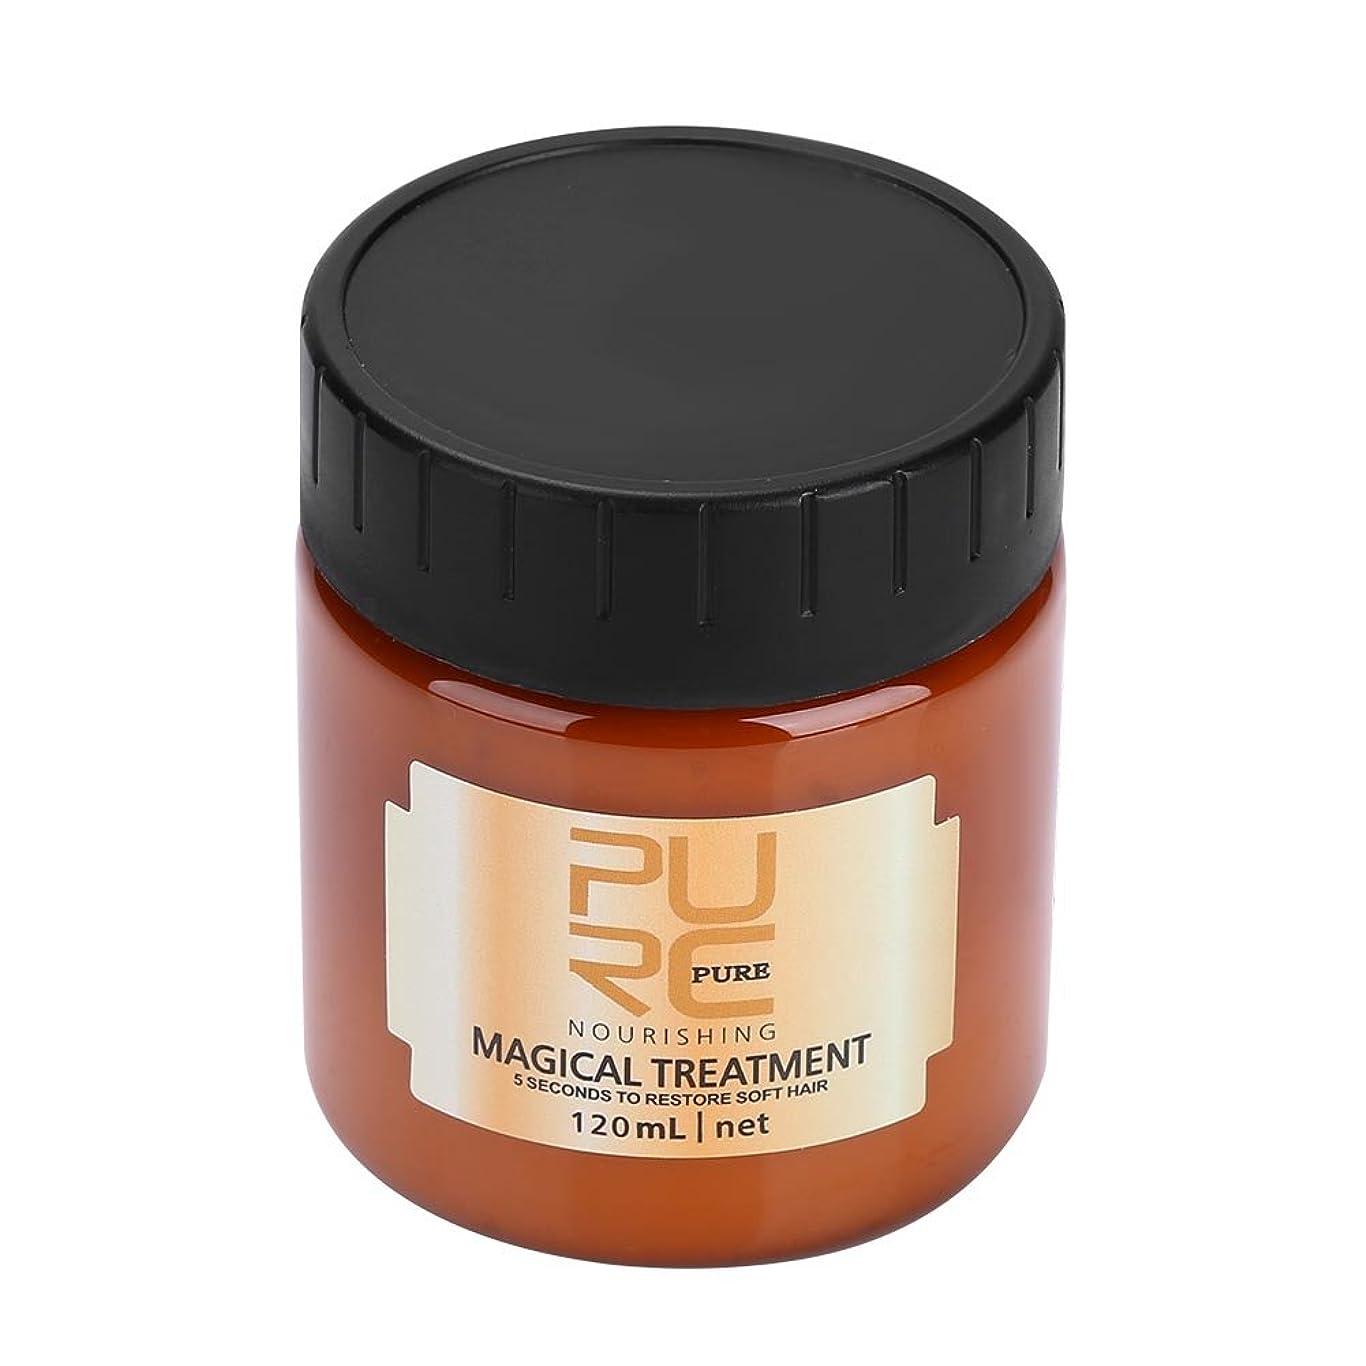 研究絡み合い無駄ヘアリペアマスク、120ml魔法のヘアマスク栄養治療ソフトスムーズリペアダメージプロフェッショナル